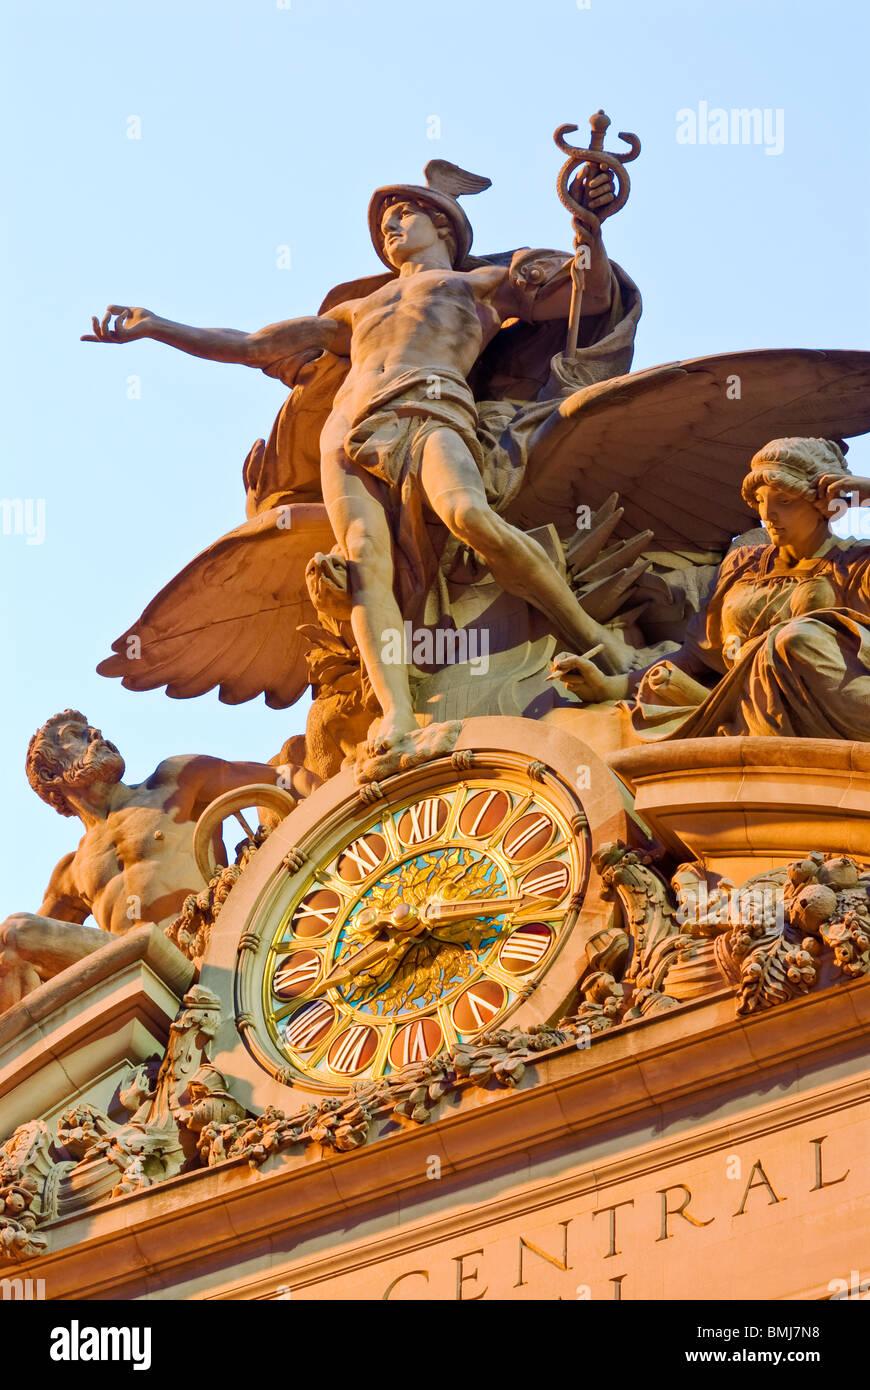 Statue von Quecksilber, Grand Central Terminal in New York City. Stockbild